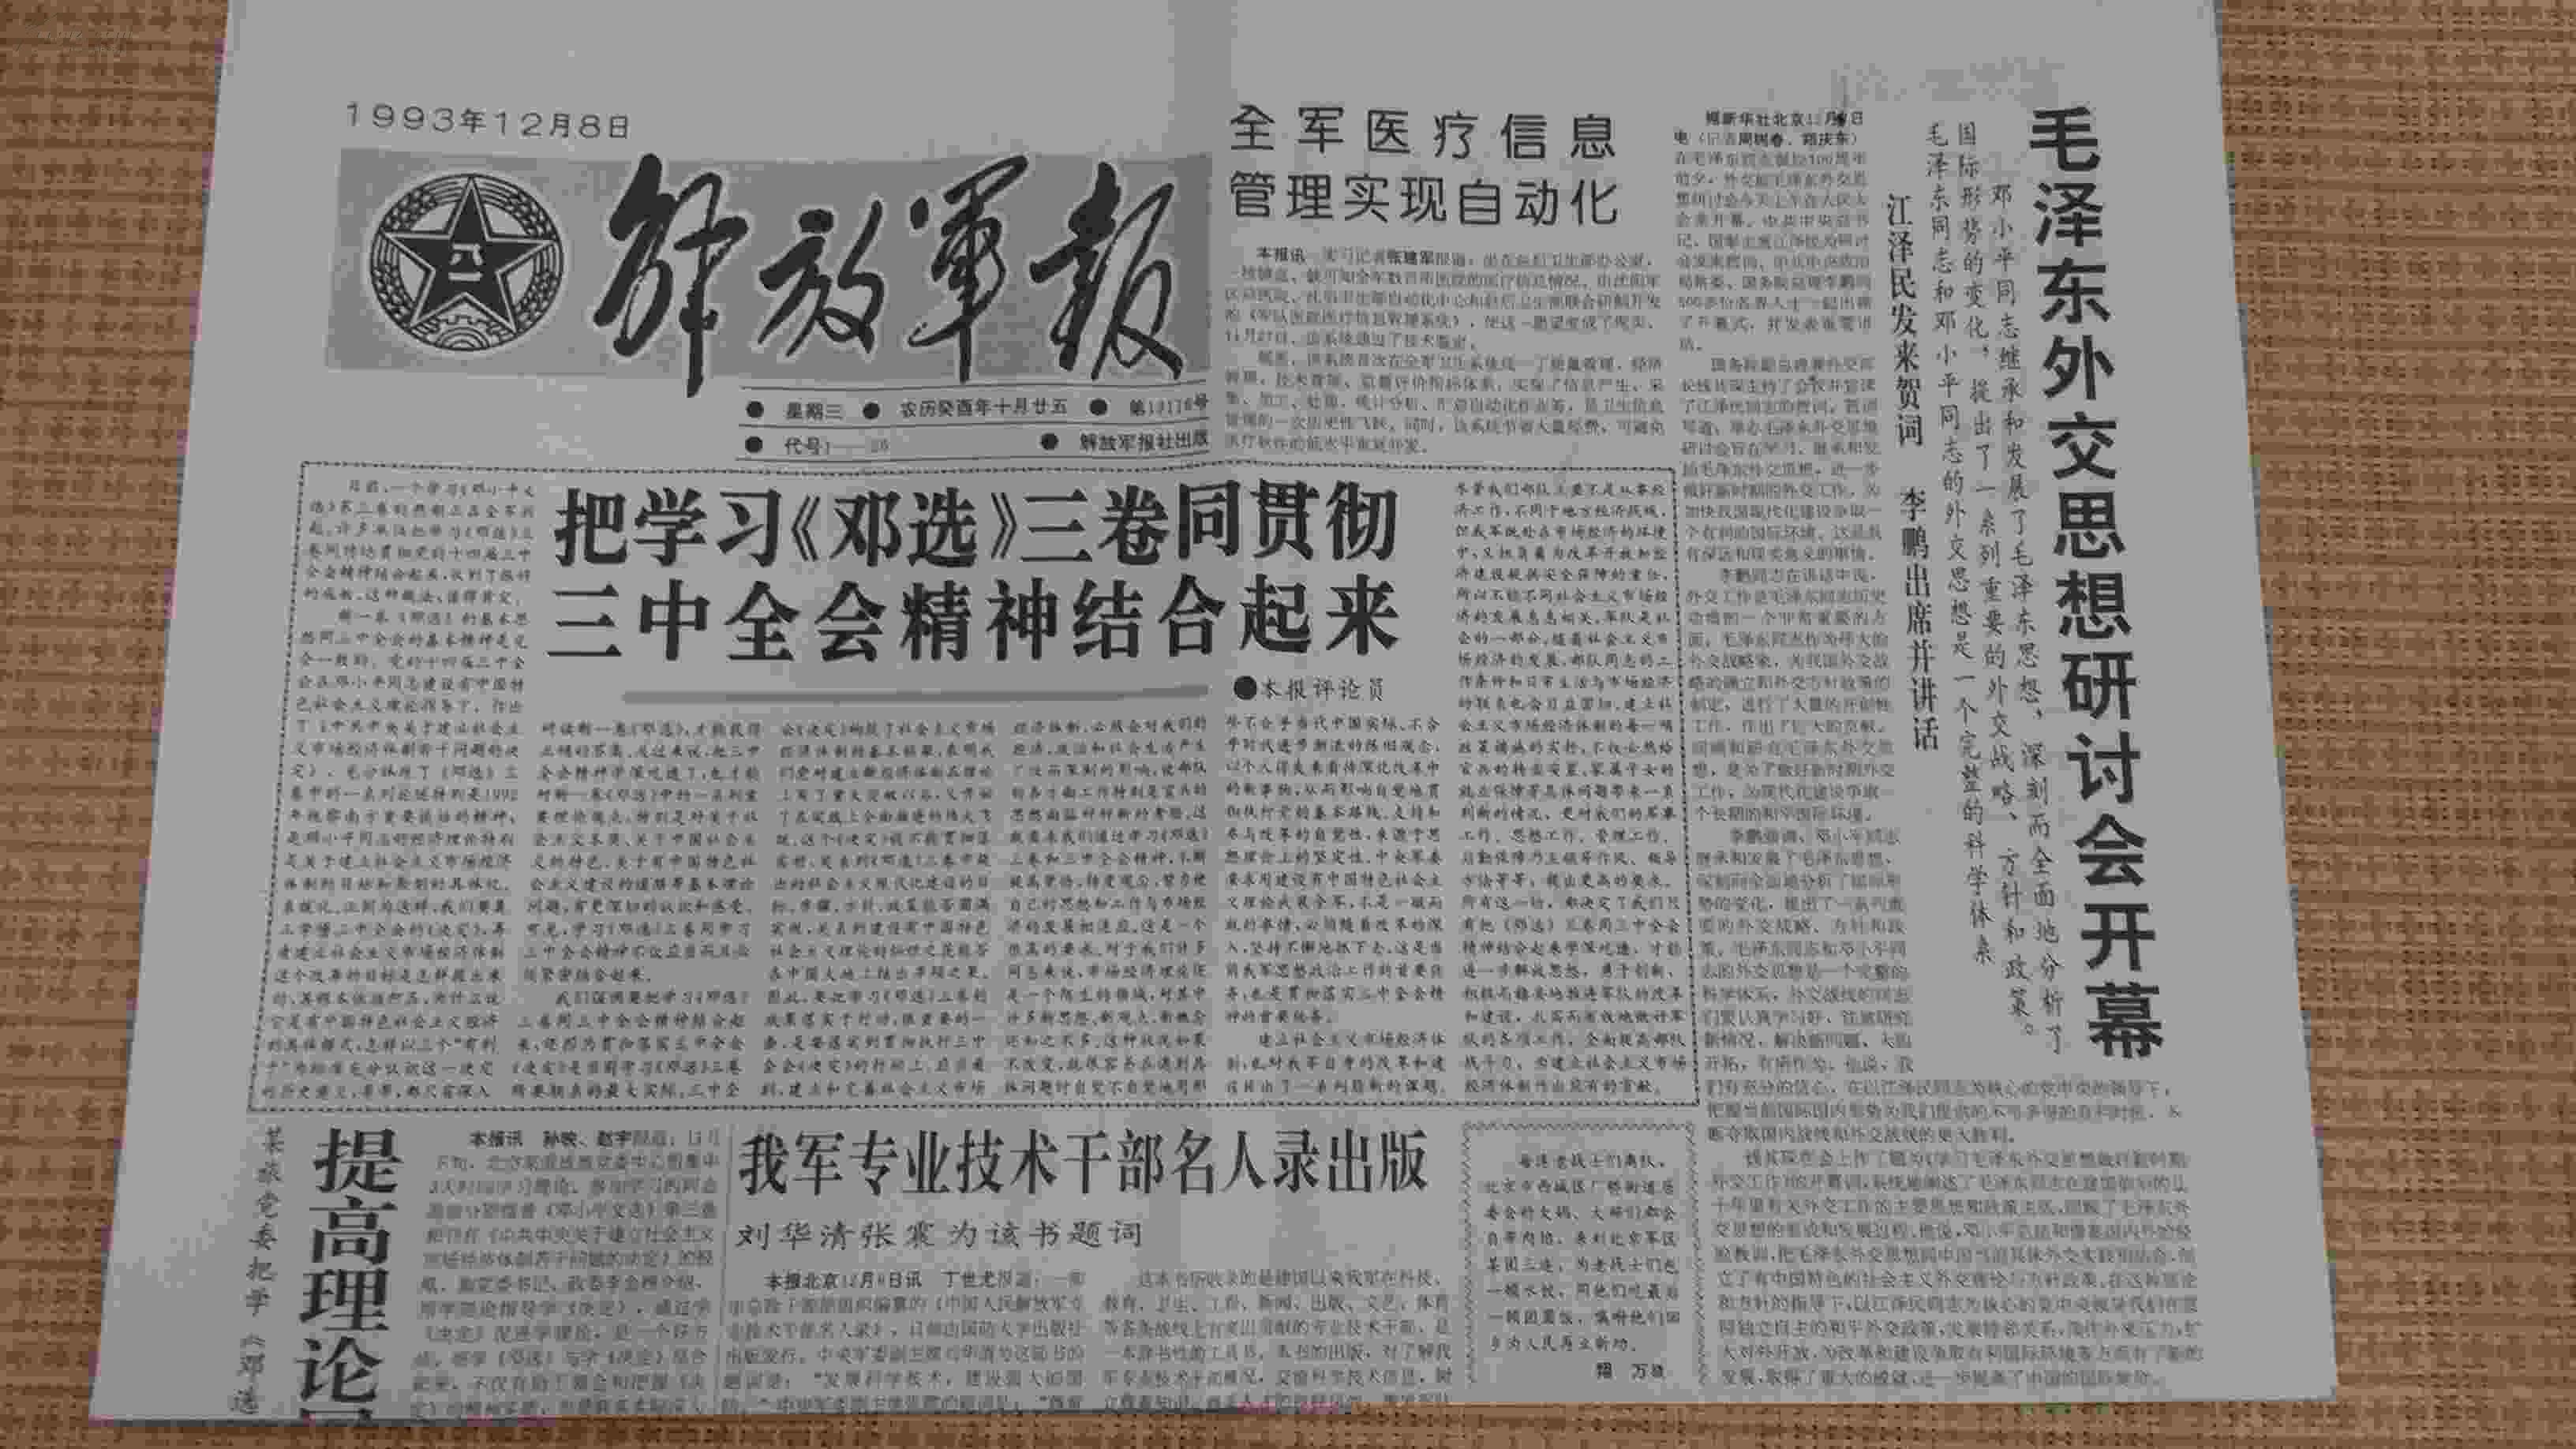 解放军报(1993年12月8日)